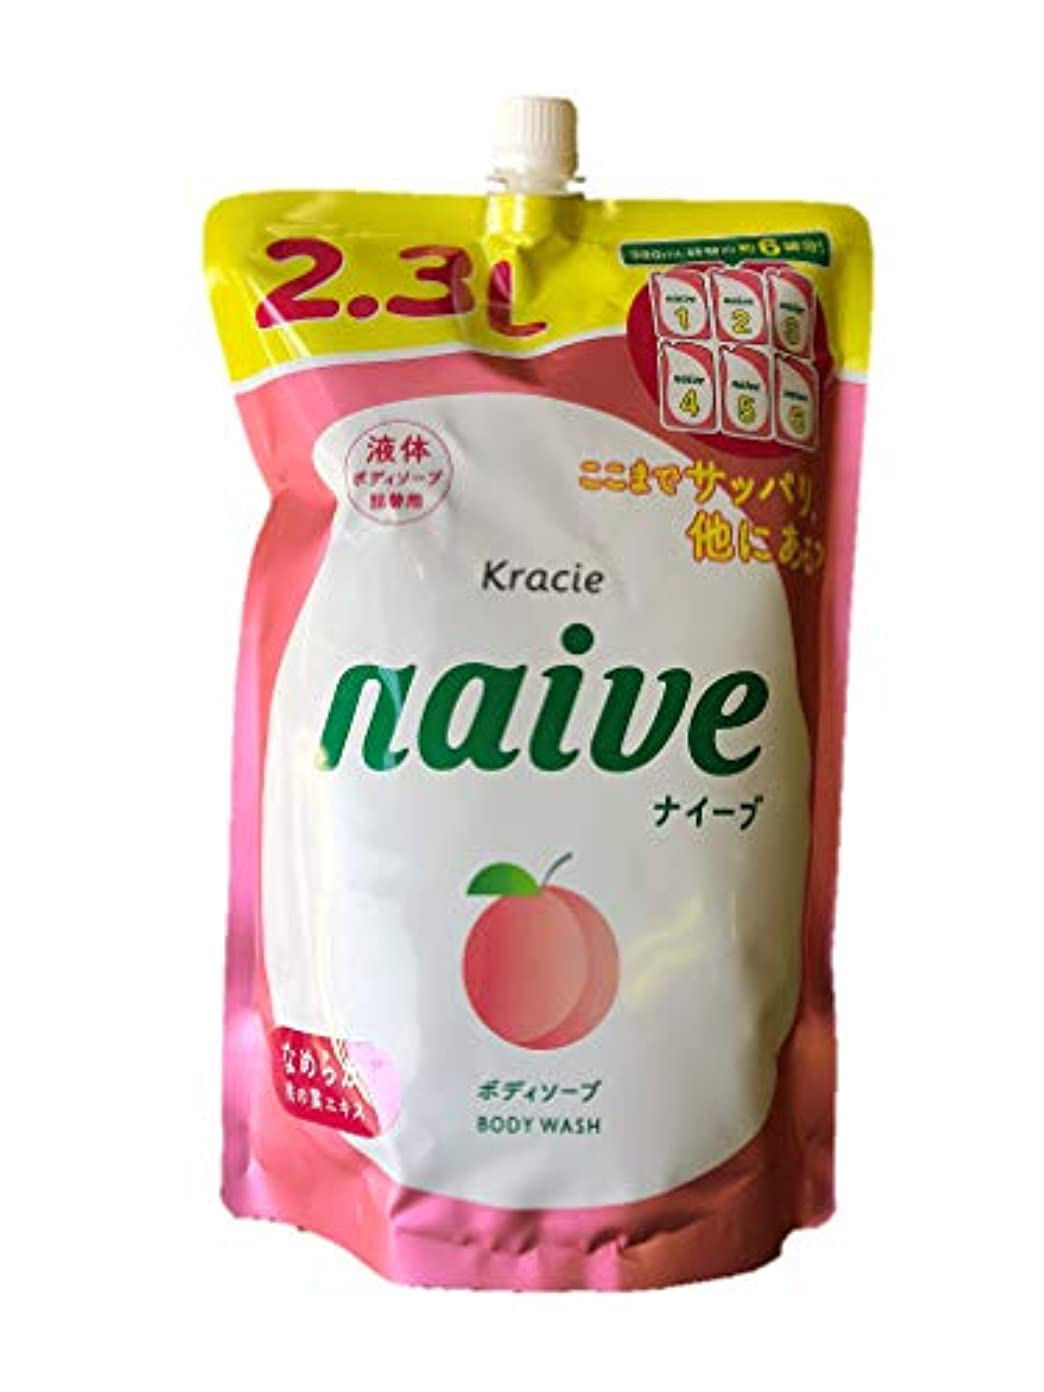 真面目な群がる省【大容量2.3L】ナイーブ 植物性ボディーソープ 自然でやさしい桃の香り 2300ml